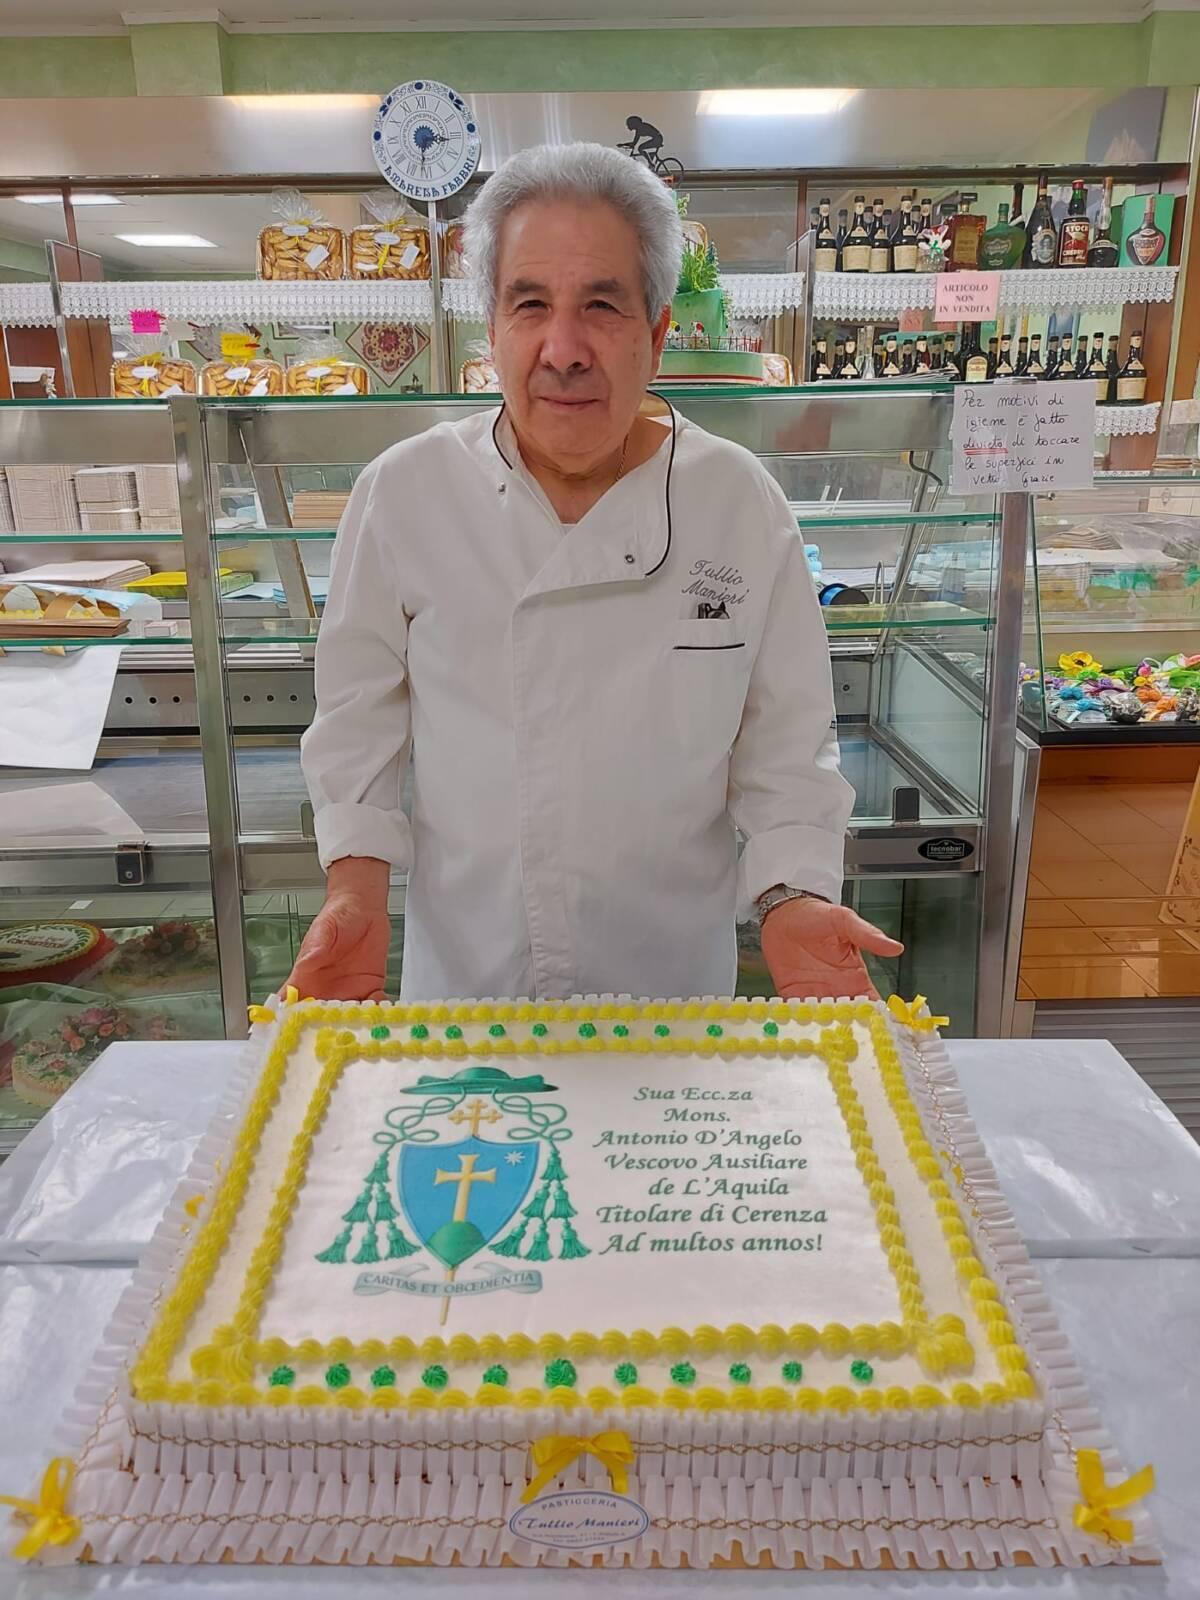 l'aquila:-il-pasticciere-tullio-manieri-dona-torta-a-vescovo-ausiliario-d'angelo